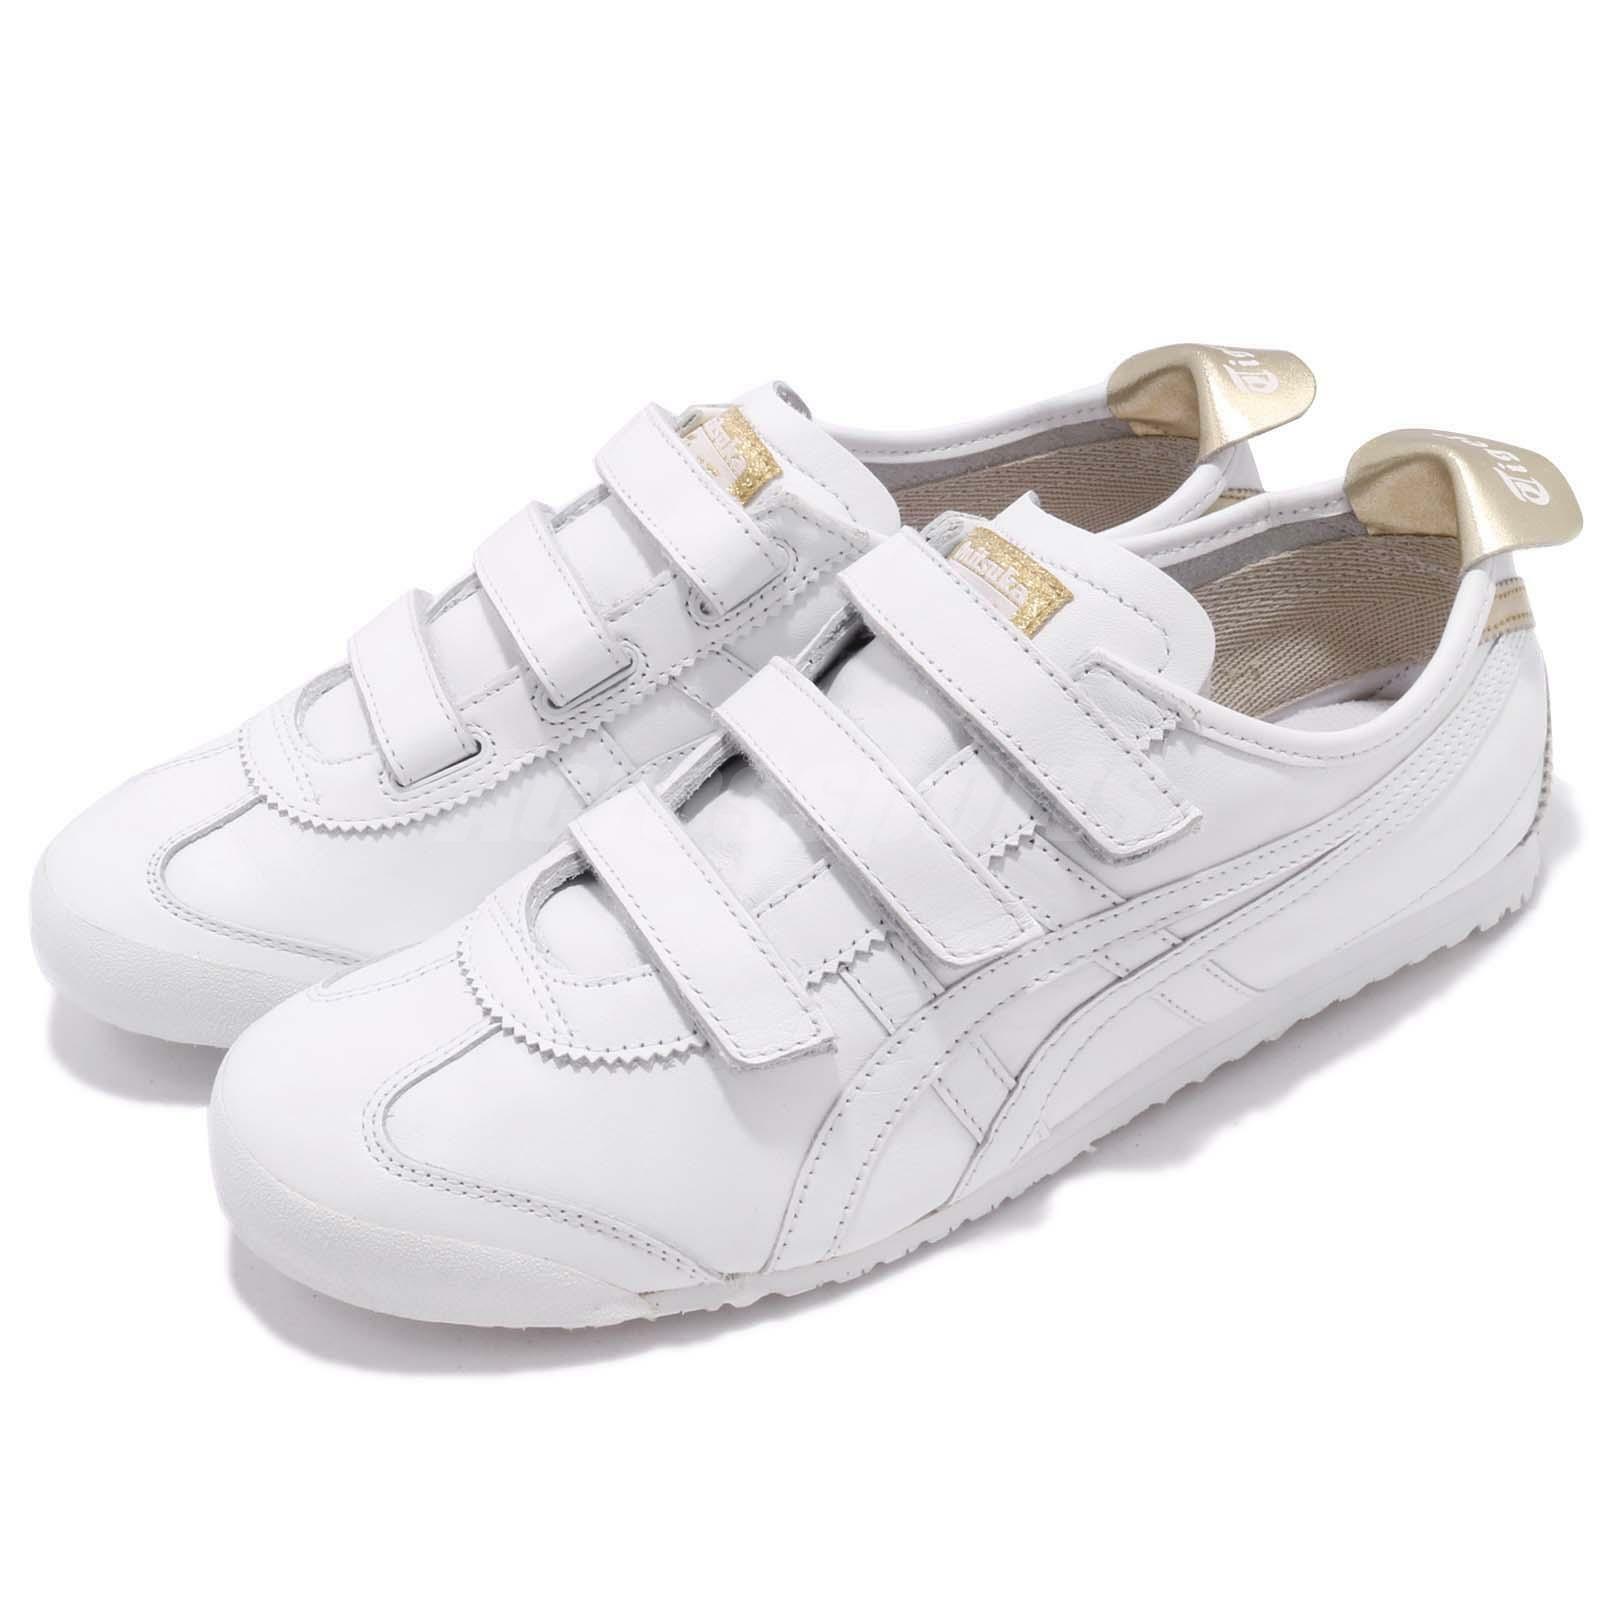 wholesale dealer 01723 9b29b Asics Onitsuka Tiger Mexico 66 Baja Strap White Gold Men Shoe Sneaker  HK4A1-0194